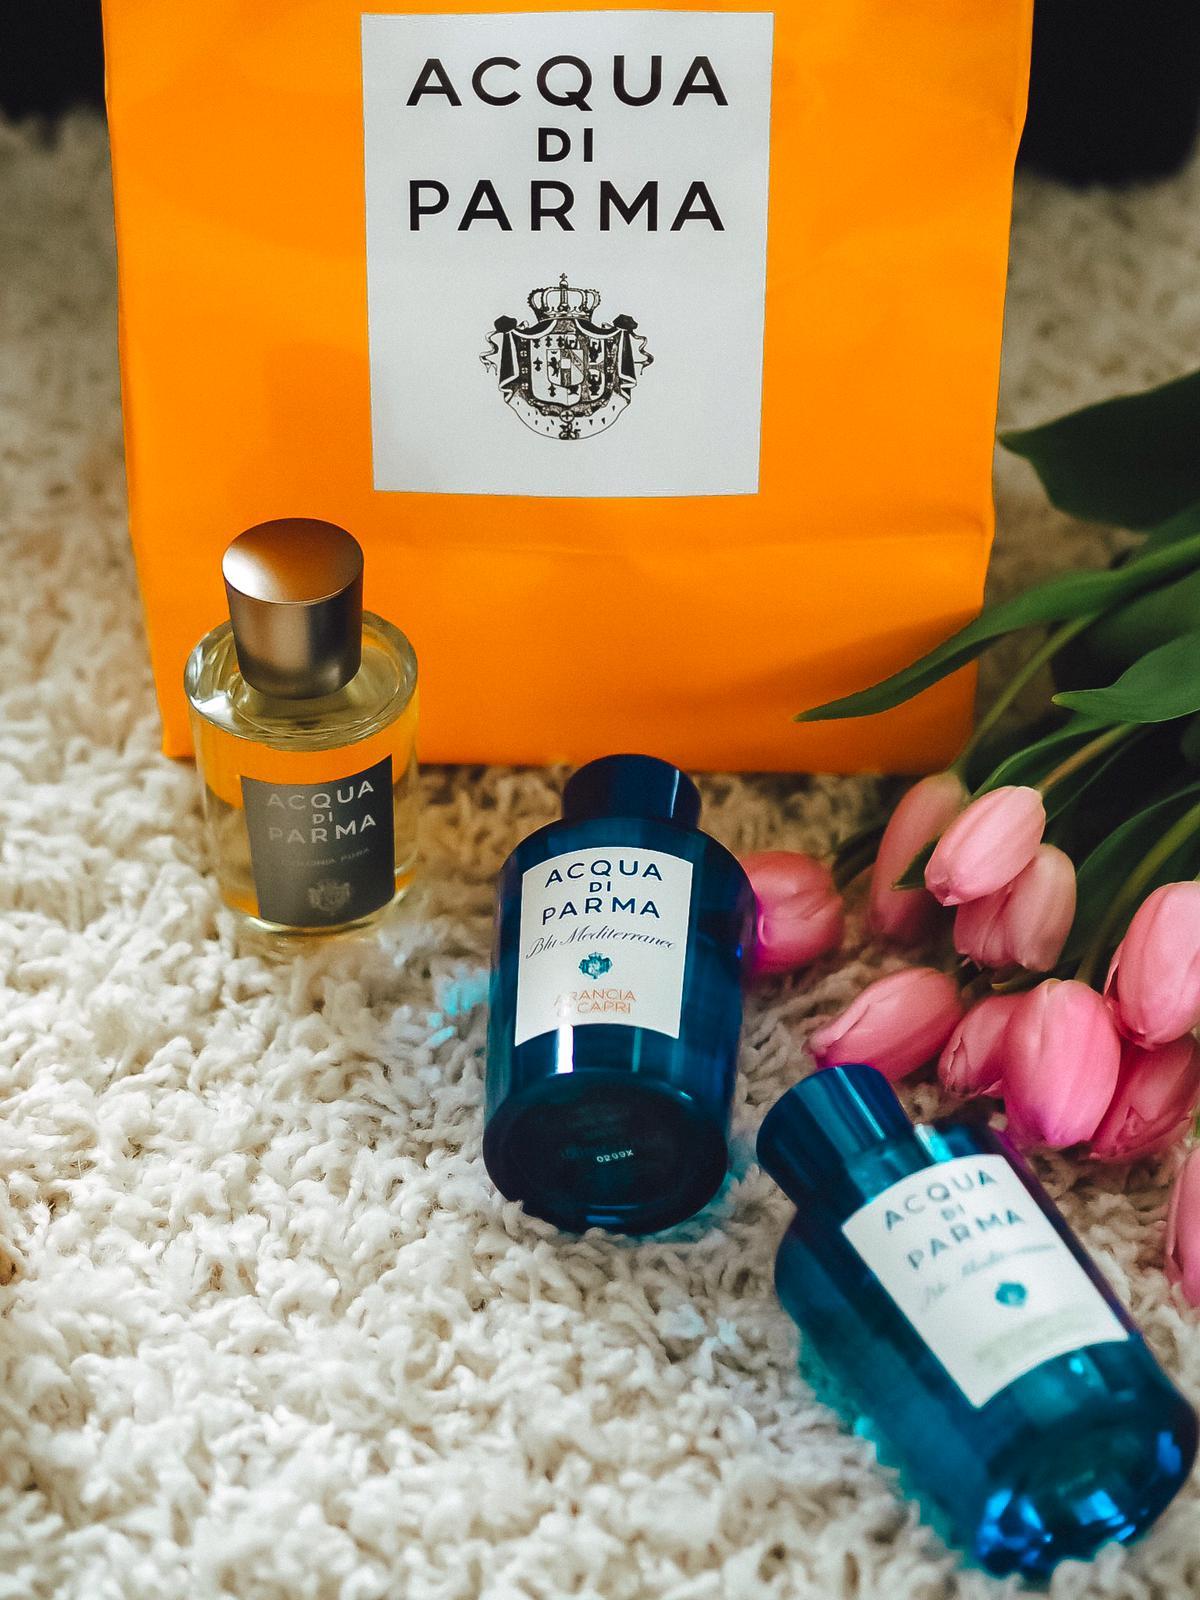 Tolle Düfte von Acqua di Parma könnt ihr bei Douglas kaufen. Heute stelle ich auf dem Beauty Blog meine 3 liebten Parfums der edlen Marke ausführlich vor.